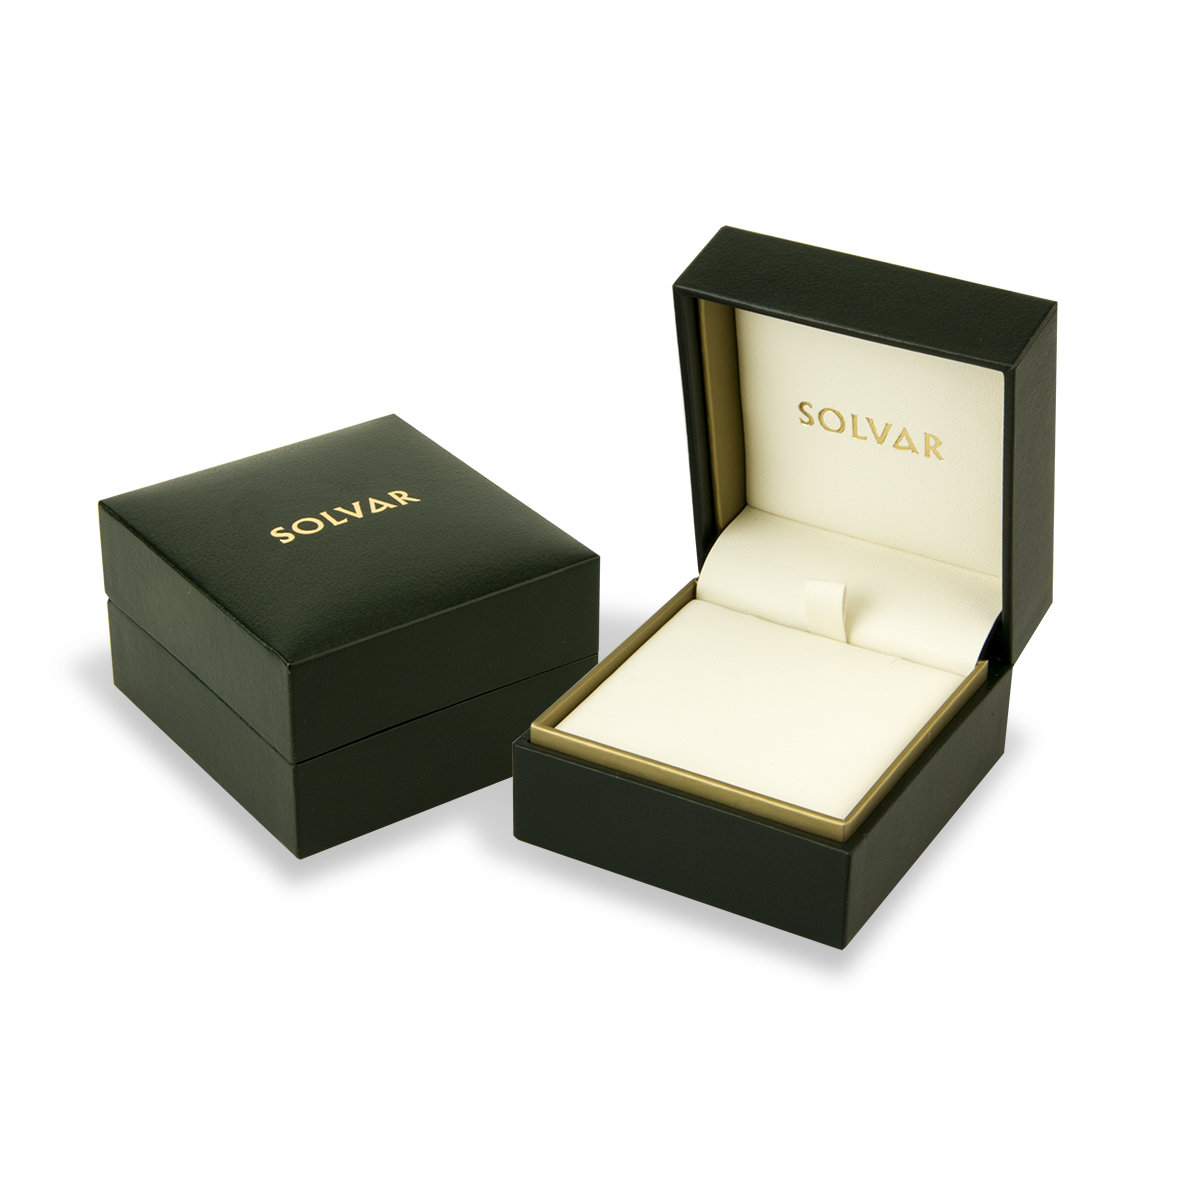 Solvar gift box